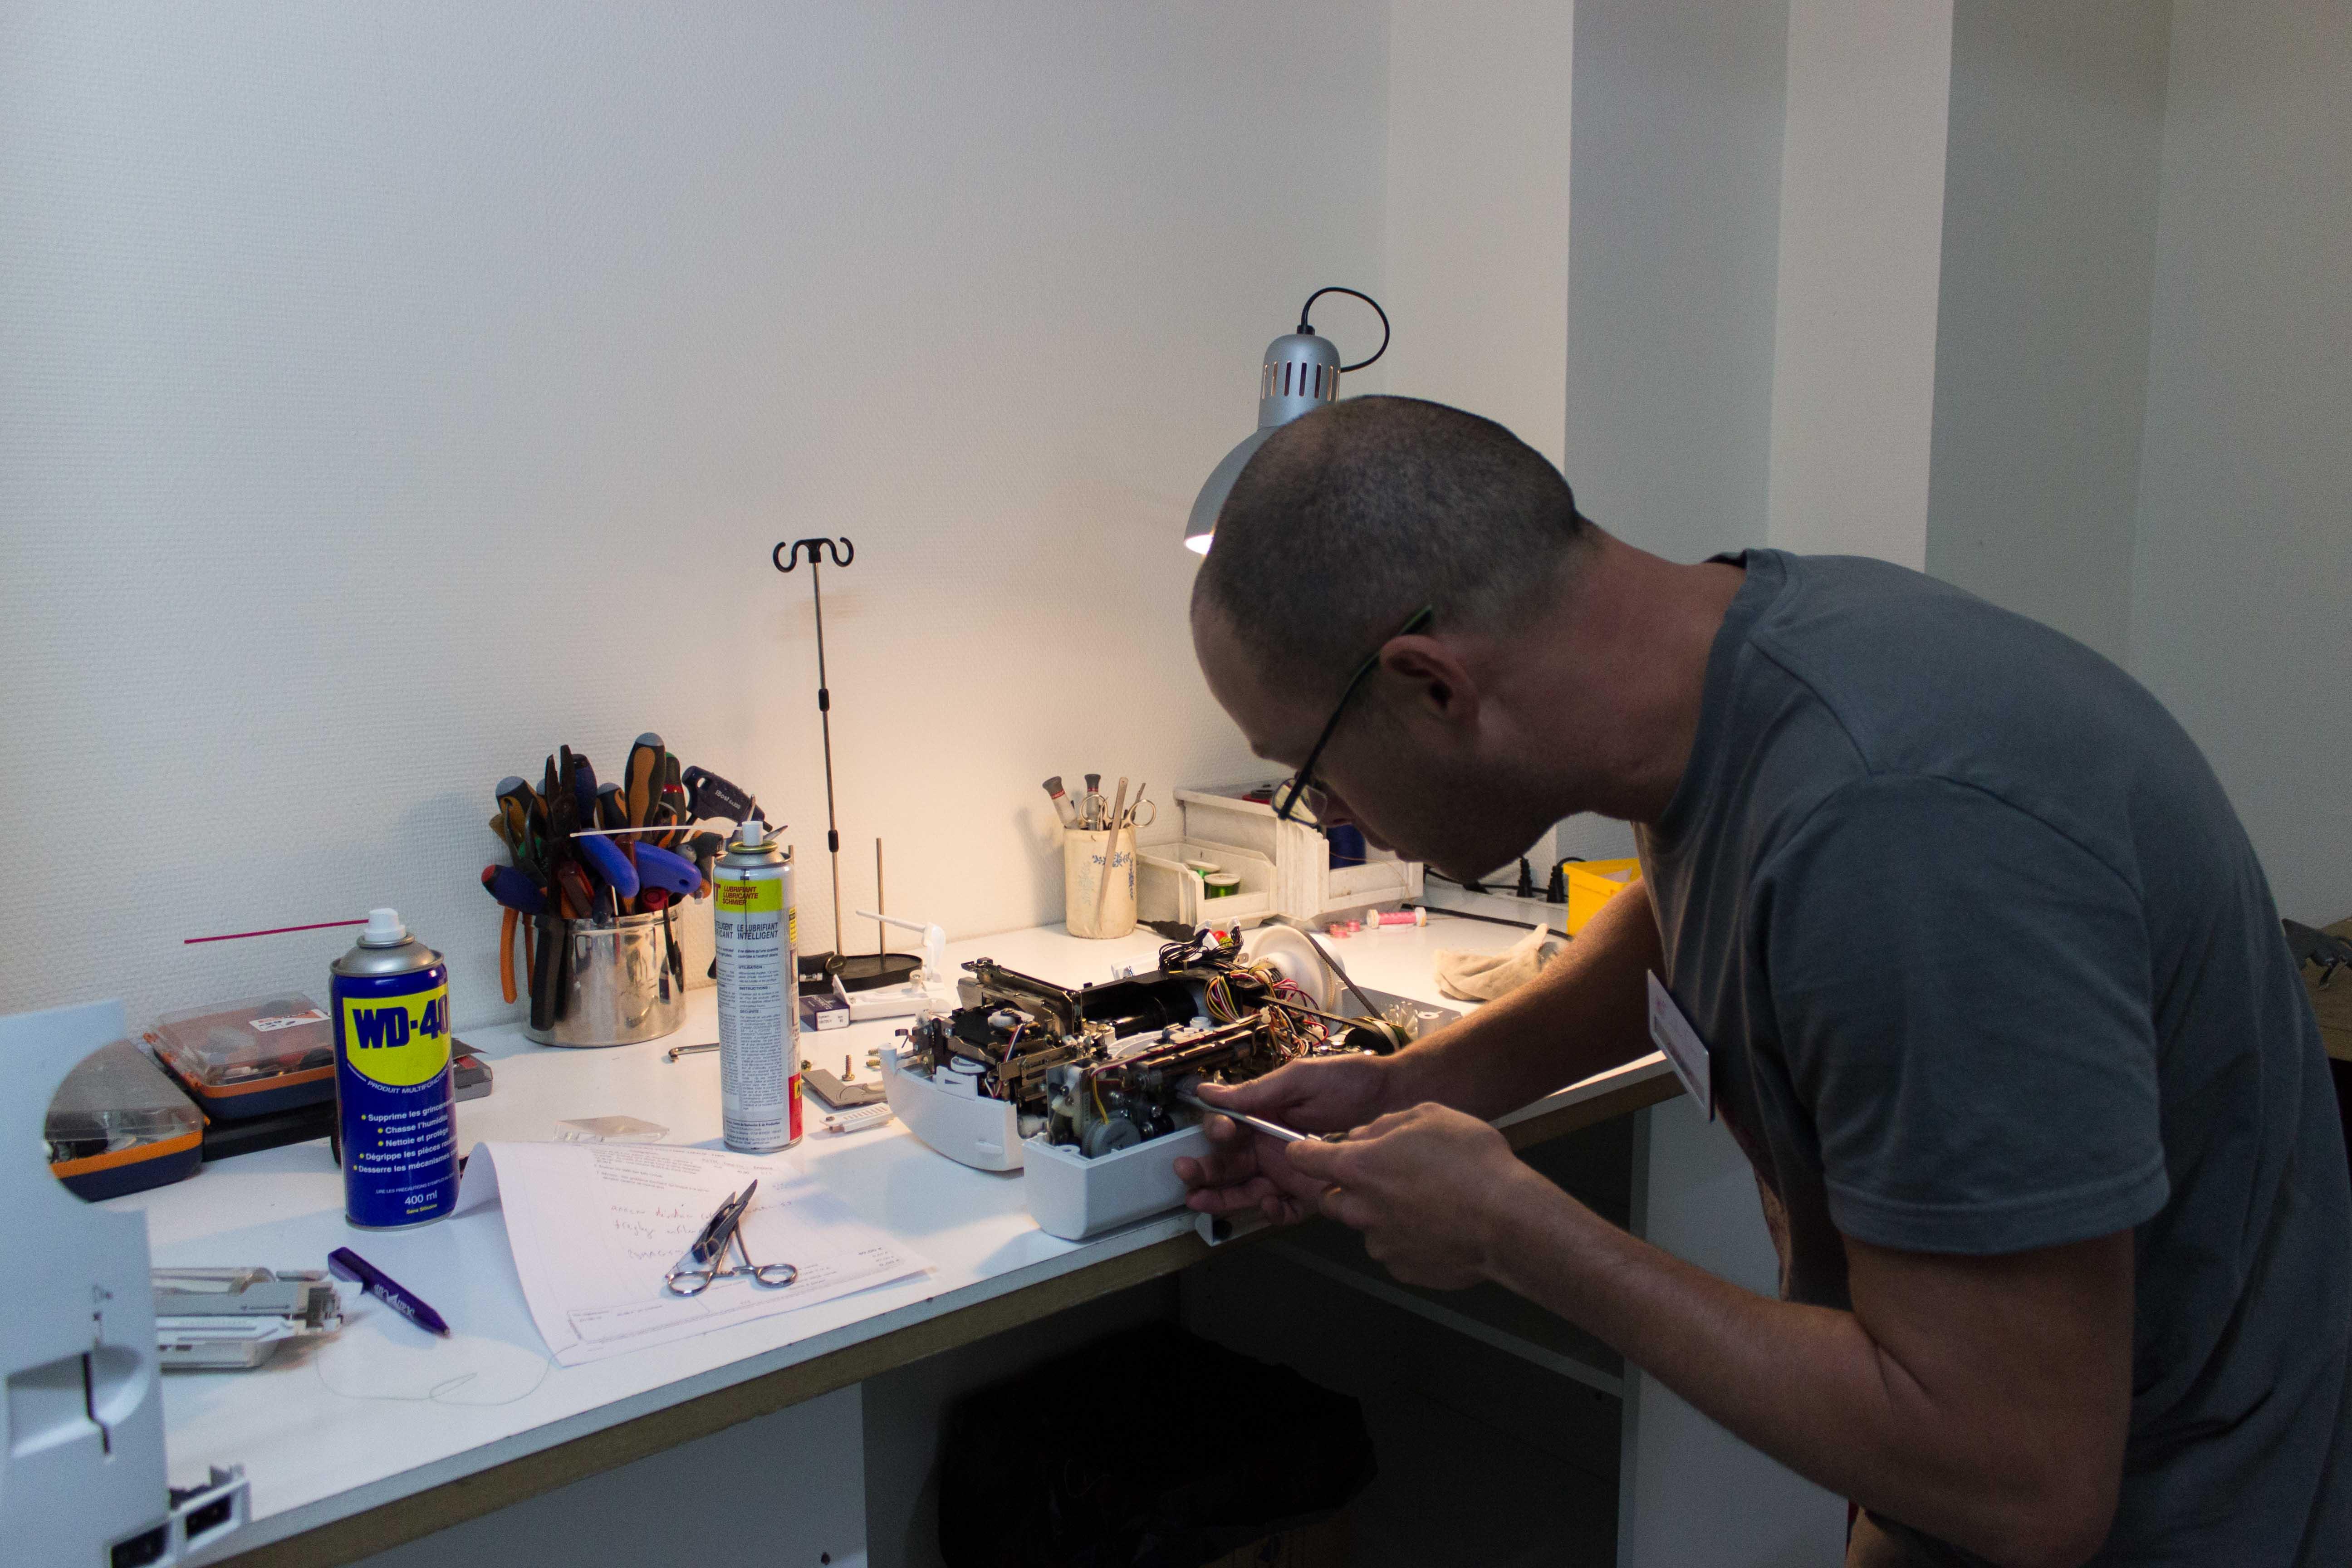 révision et réparation machine à coudre, surjeteuse et machine à broder